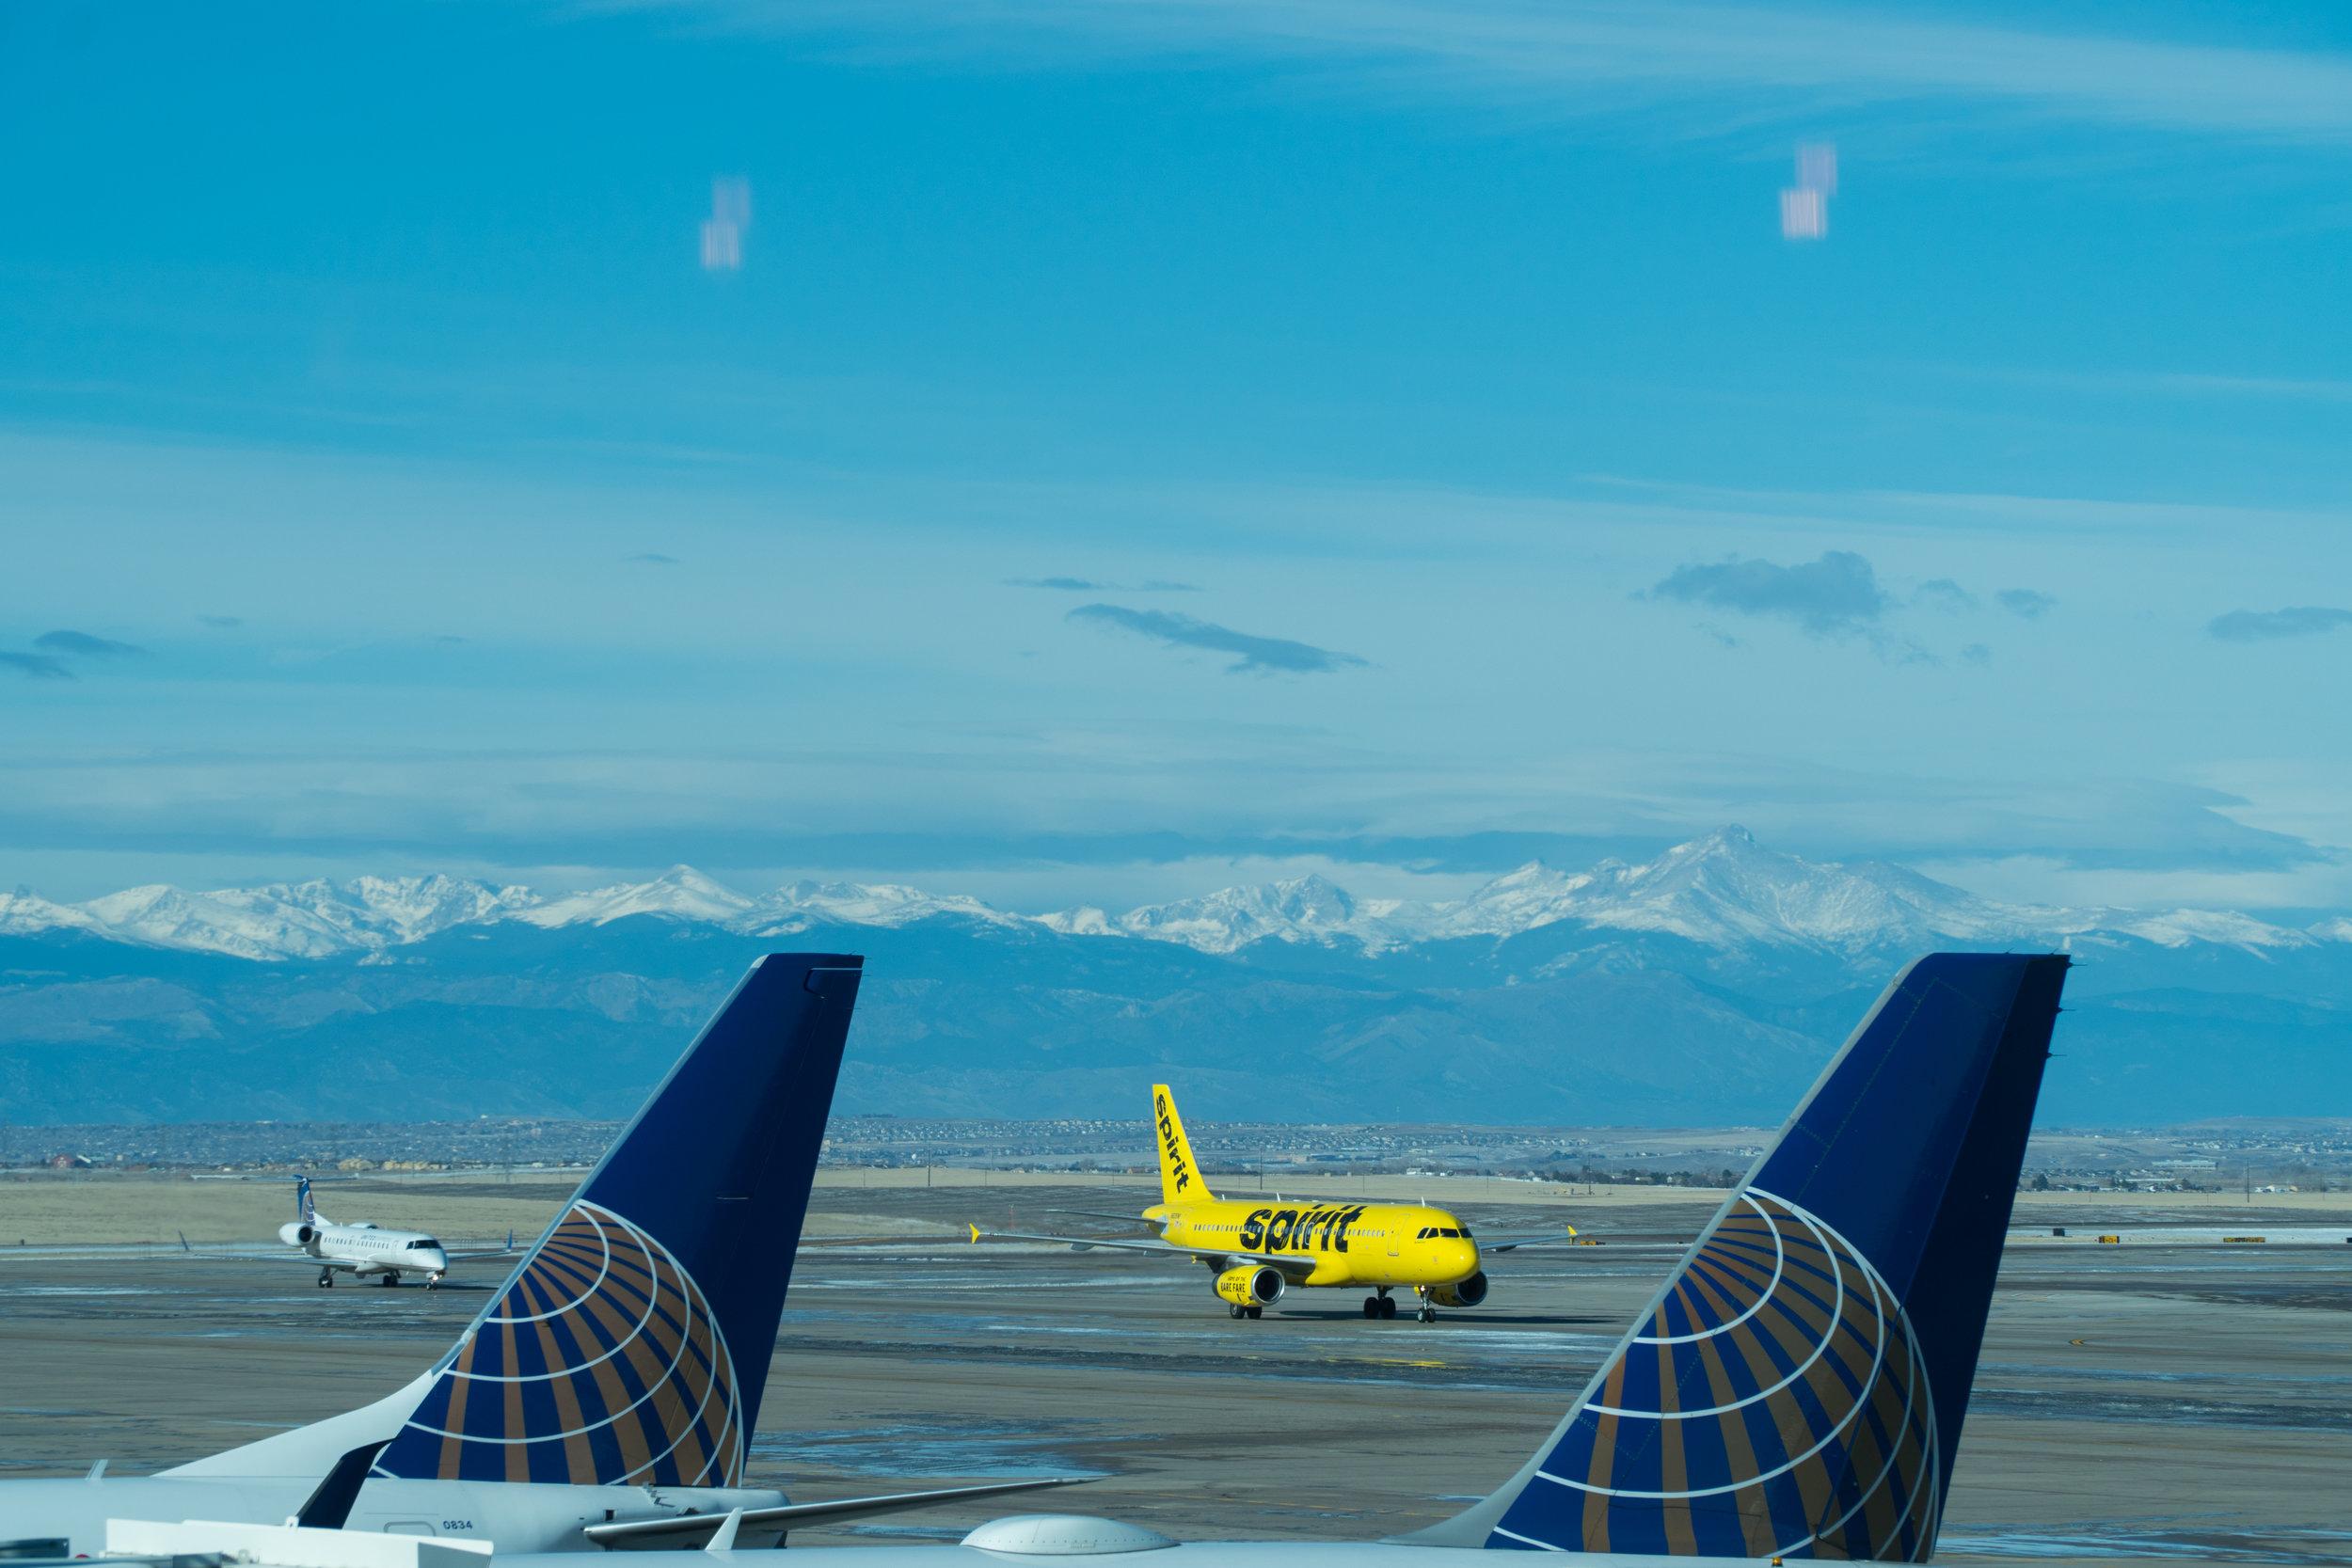 GOAL TRAVELER_FLIGHT_AIRPORT.jpg